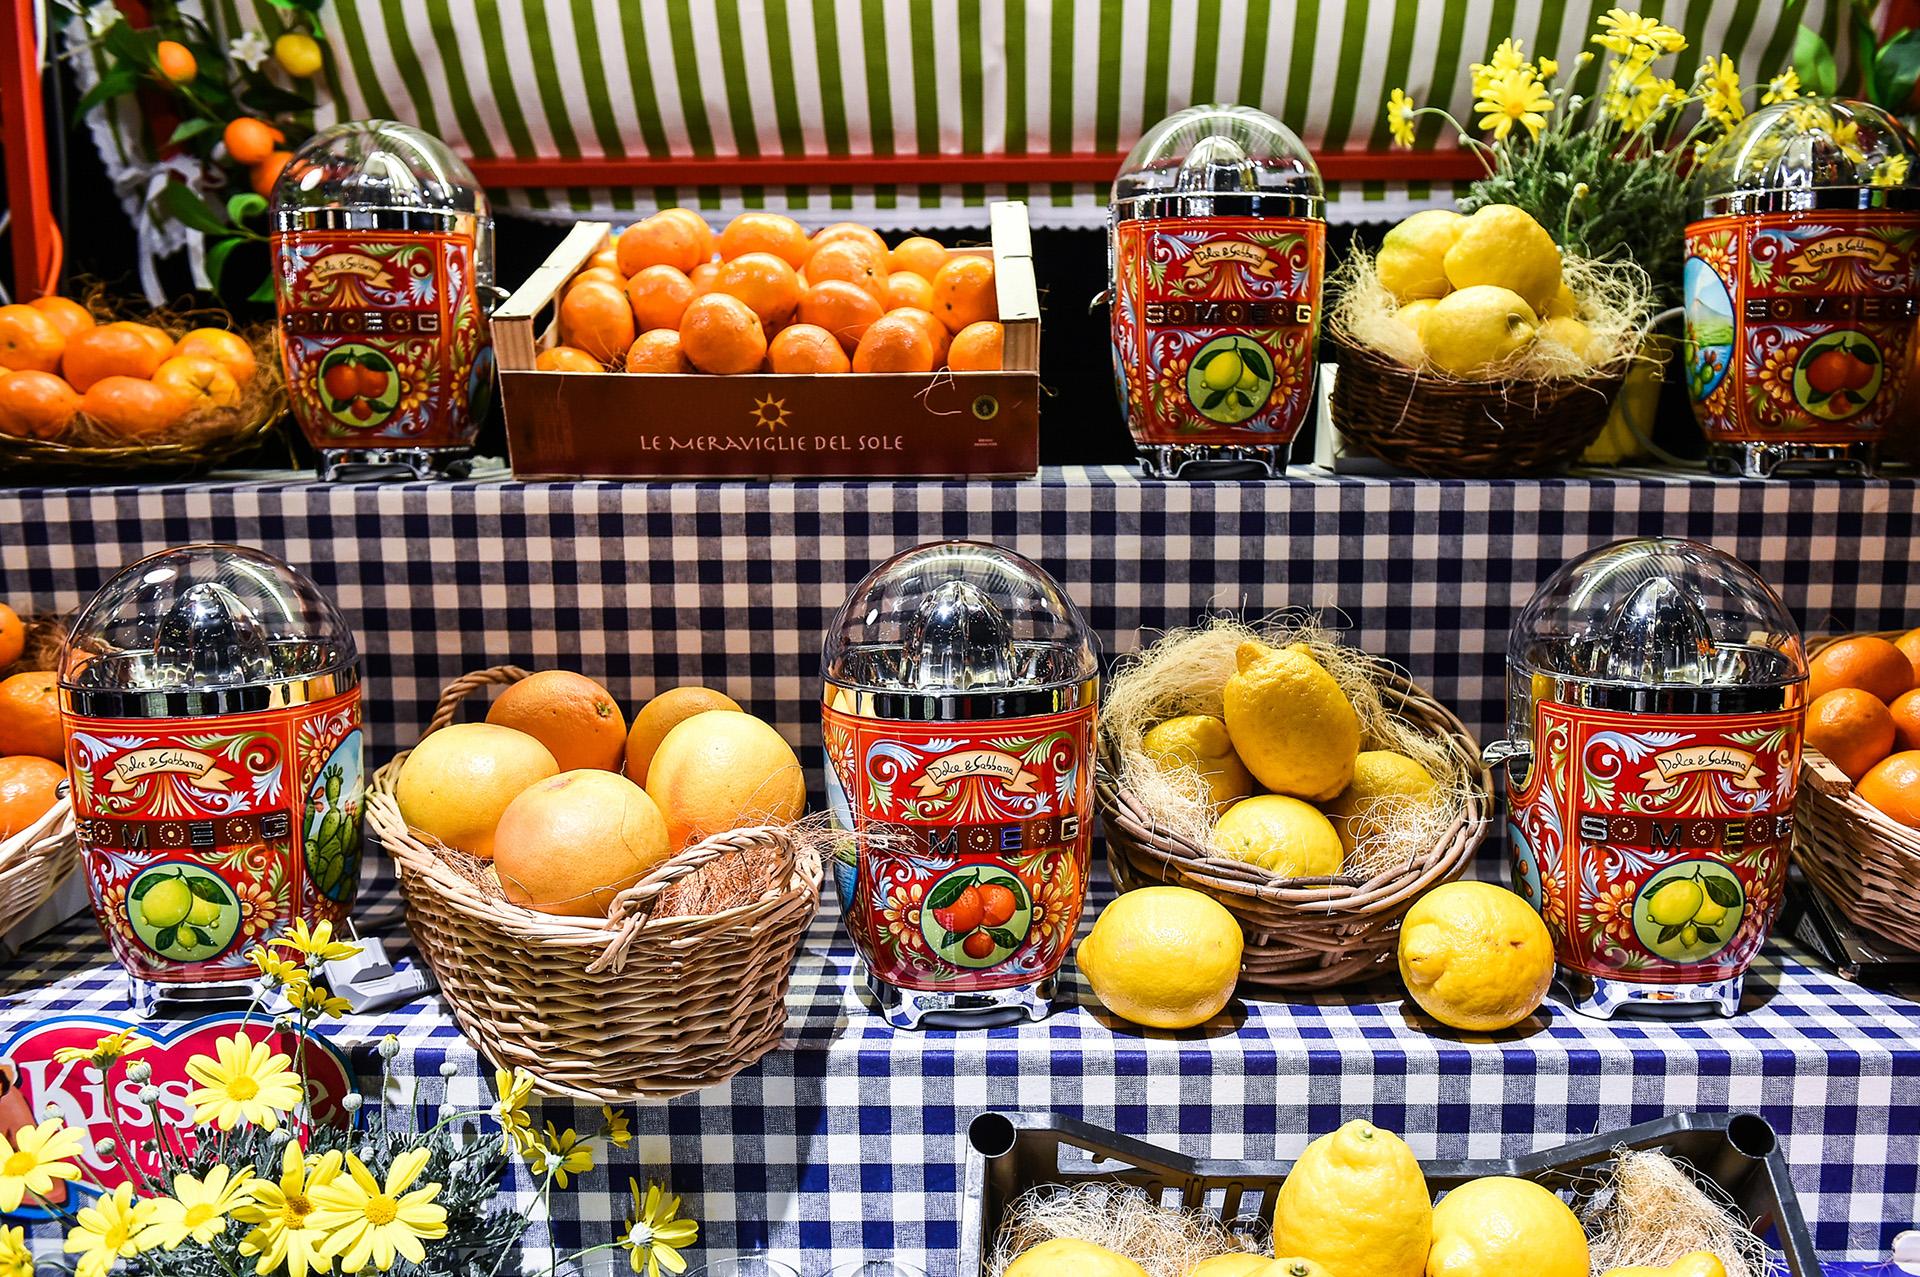 dolce & gabbana, smeg, utensilios, dosmesticos, italianos, decorados, desejos, batedeira, espremedor, torradeira, liquidificador, kettle, cafeteira